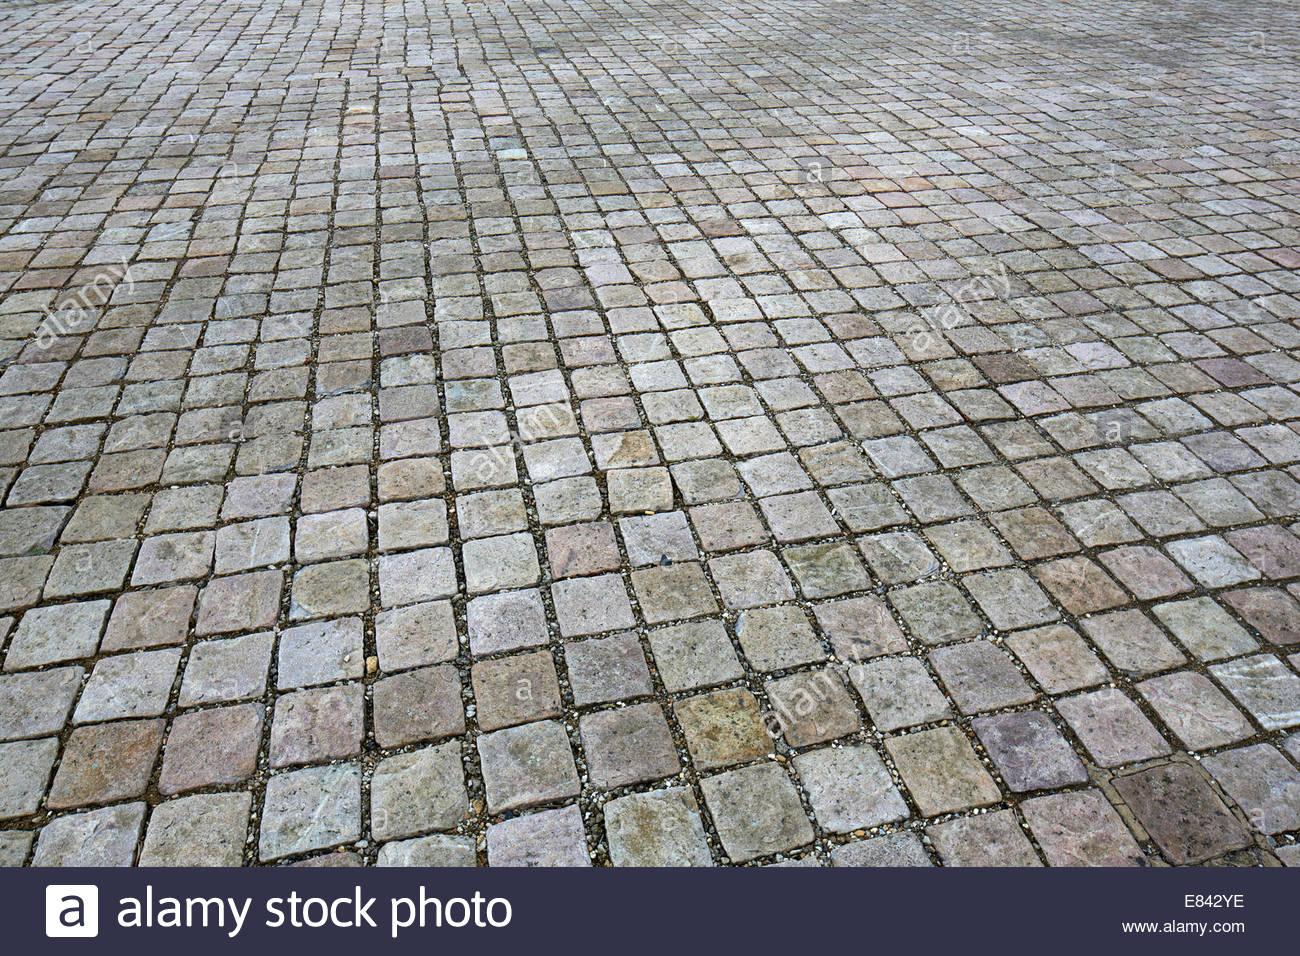 alte fliesen- cobble stone, pflasterungen, straßen, wege, oberfläche